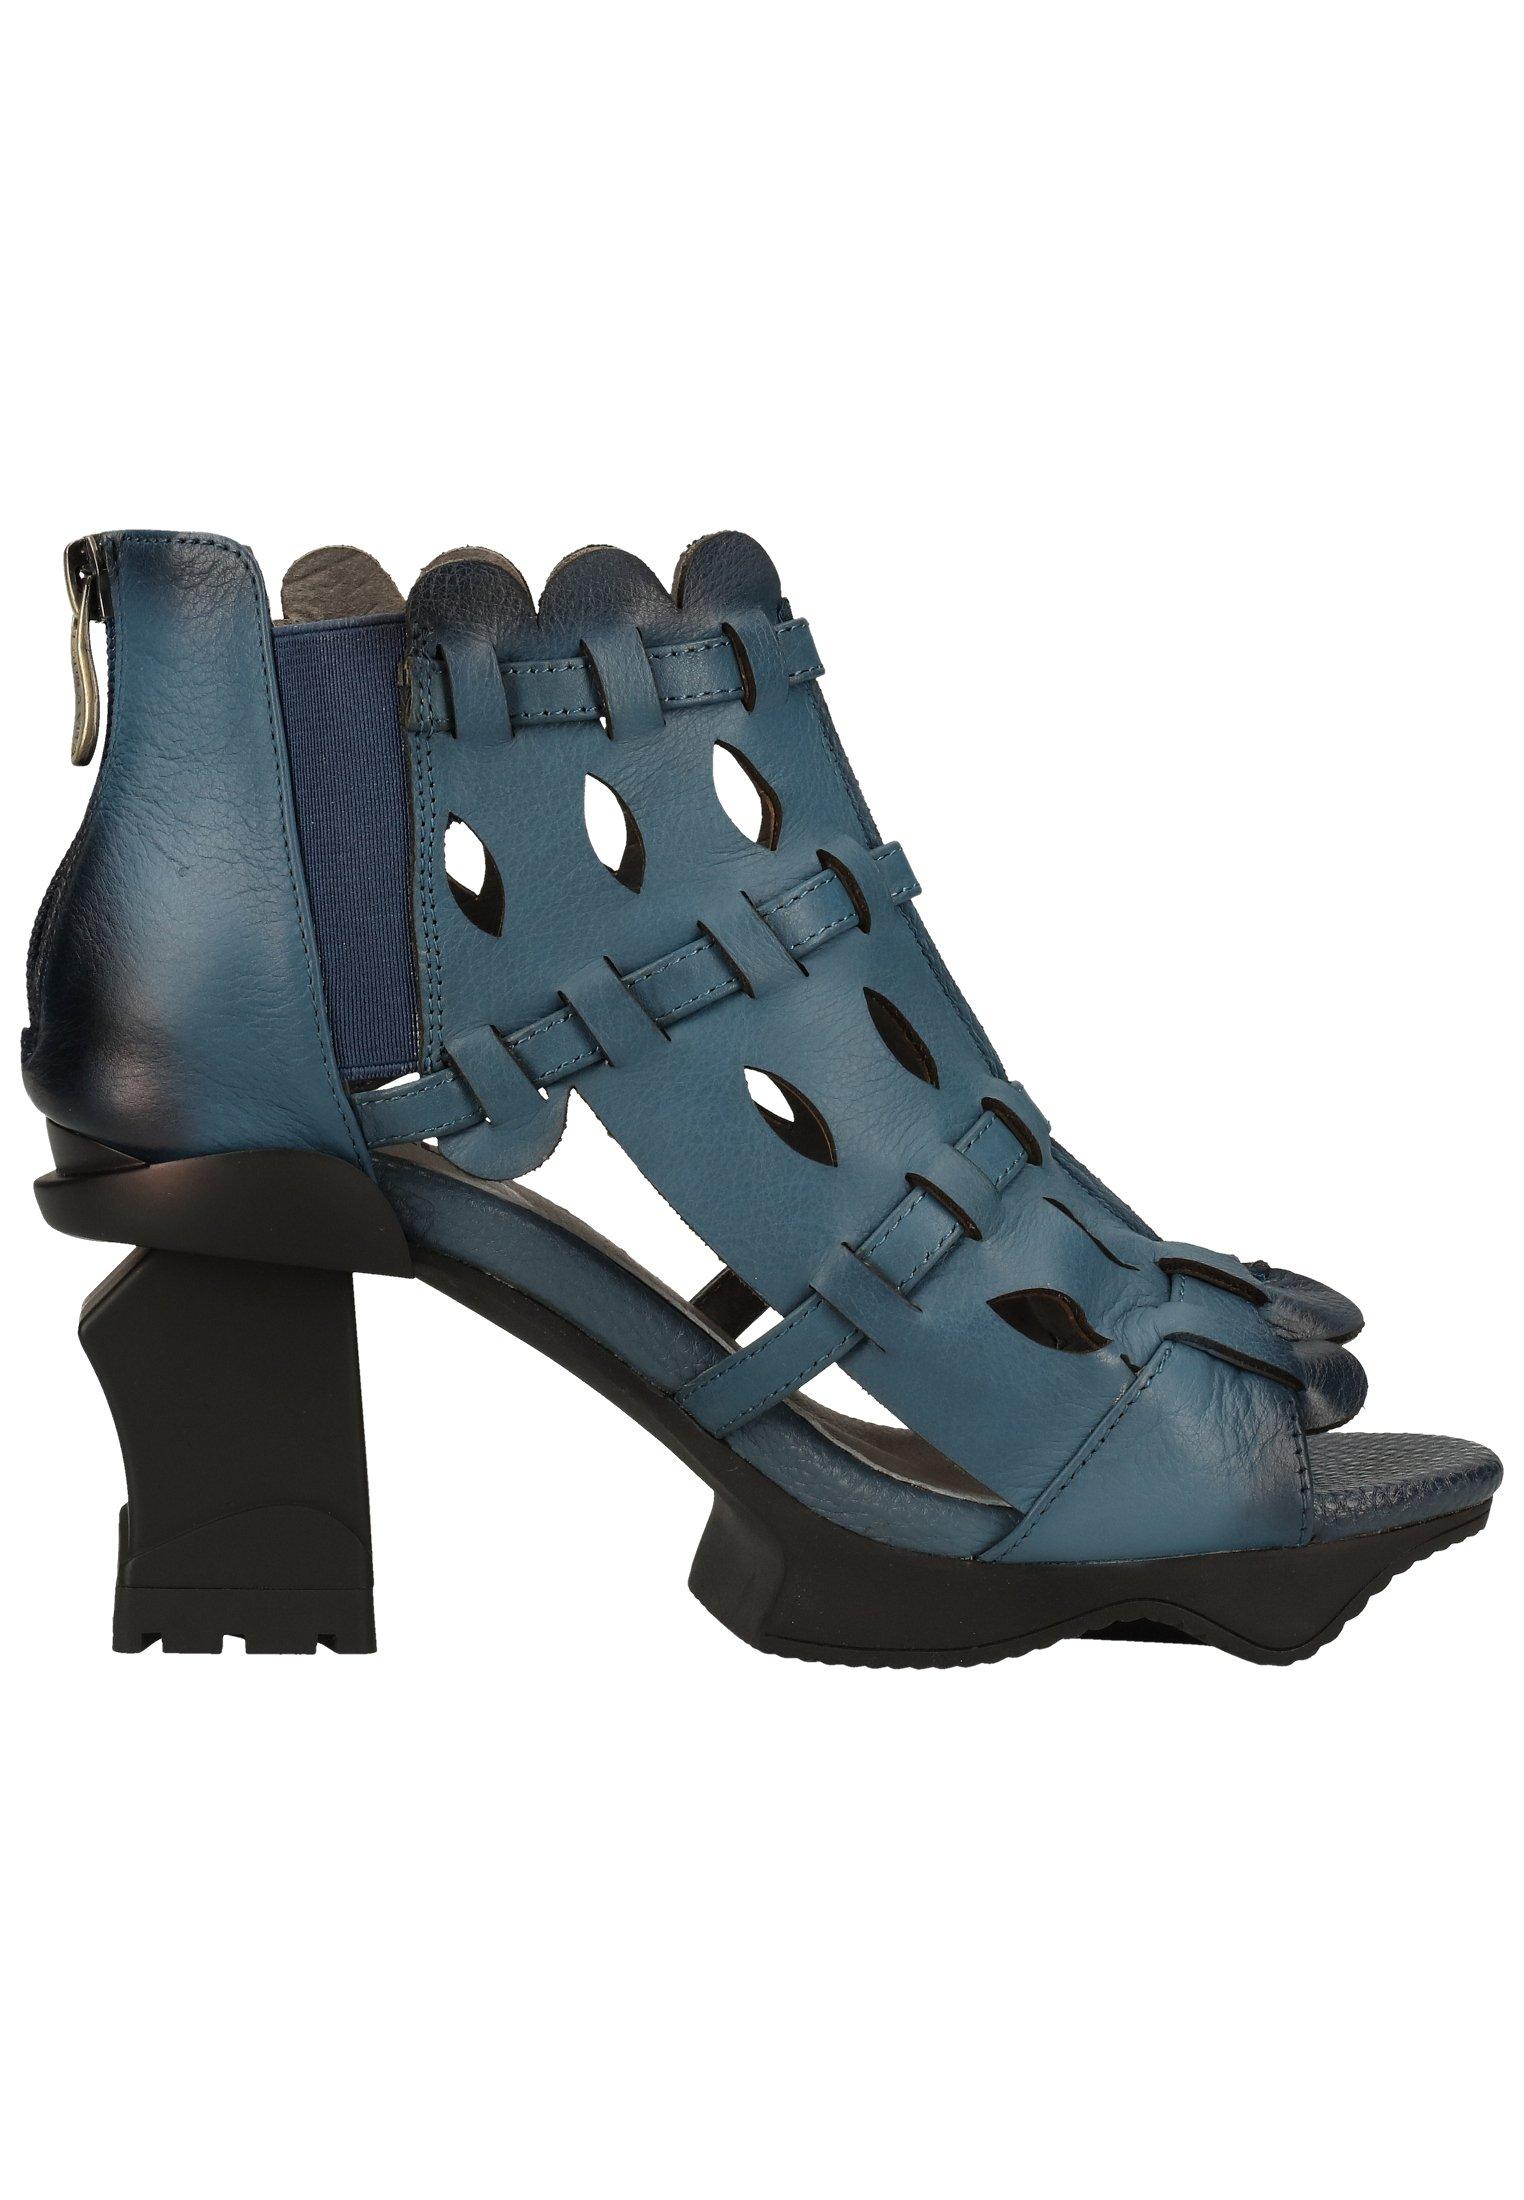 LAURA VITA LAURA VITA SANDALEN - Sandali con tacco - jeans C56S7Tmo